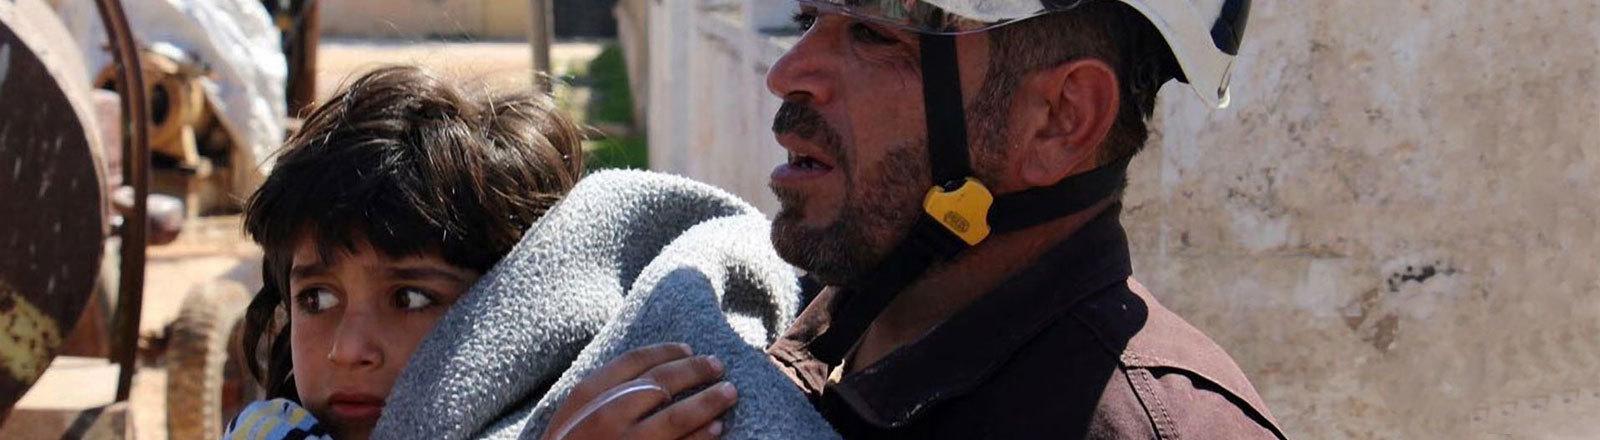 Ein von der «Syria Civil Defence» (Weißhelme) am 04.04.2017 zur Verfügung gestellte Foto, zeigt einen Freiwilligen Helfer, der ein Opfer eines mutmaßlichen Giftgasangriffs in Chan Scheichun, Syrien, versorgt. Bei einem Luftangriff mit Giftgas sind im Nordwesten Syriens Aktivisten zufolge mindestens 58 Menschen getötet worden, darunter elf Kinder. Die Syrische Beobachtungsstelle für Menschenrechte meldete aus dem Ort Chan Scheichun zudem Dutzende Verletzte.